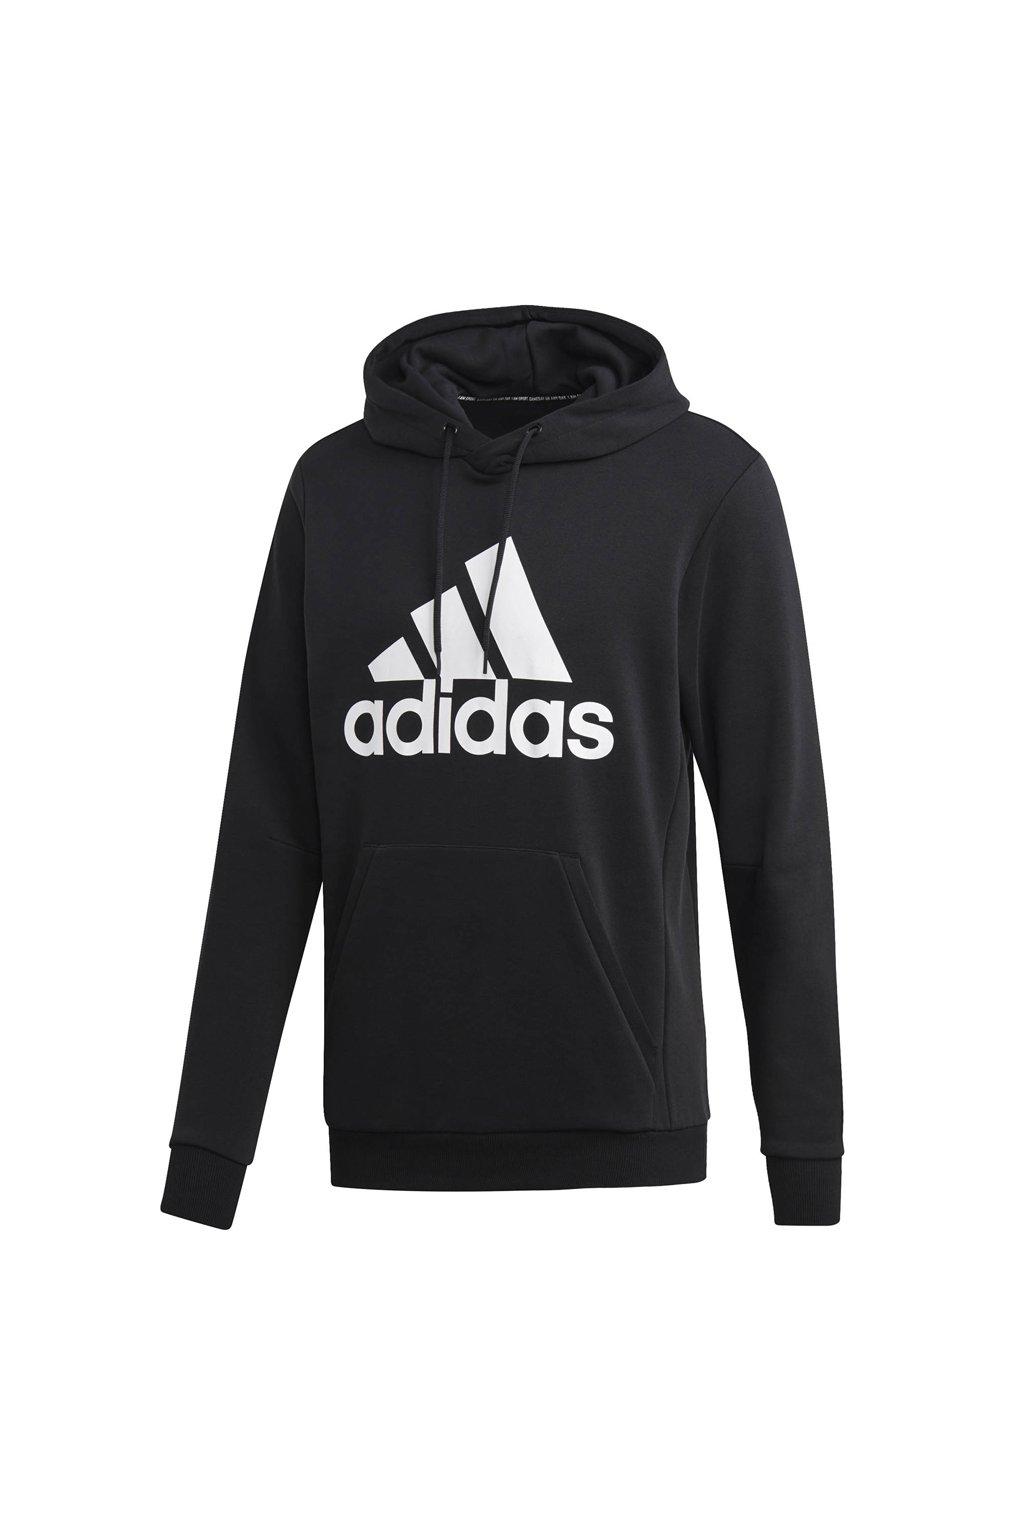 Pánska mikina Adidas MH BOS PO FT / čierna DQ1461